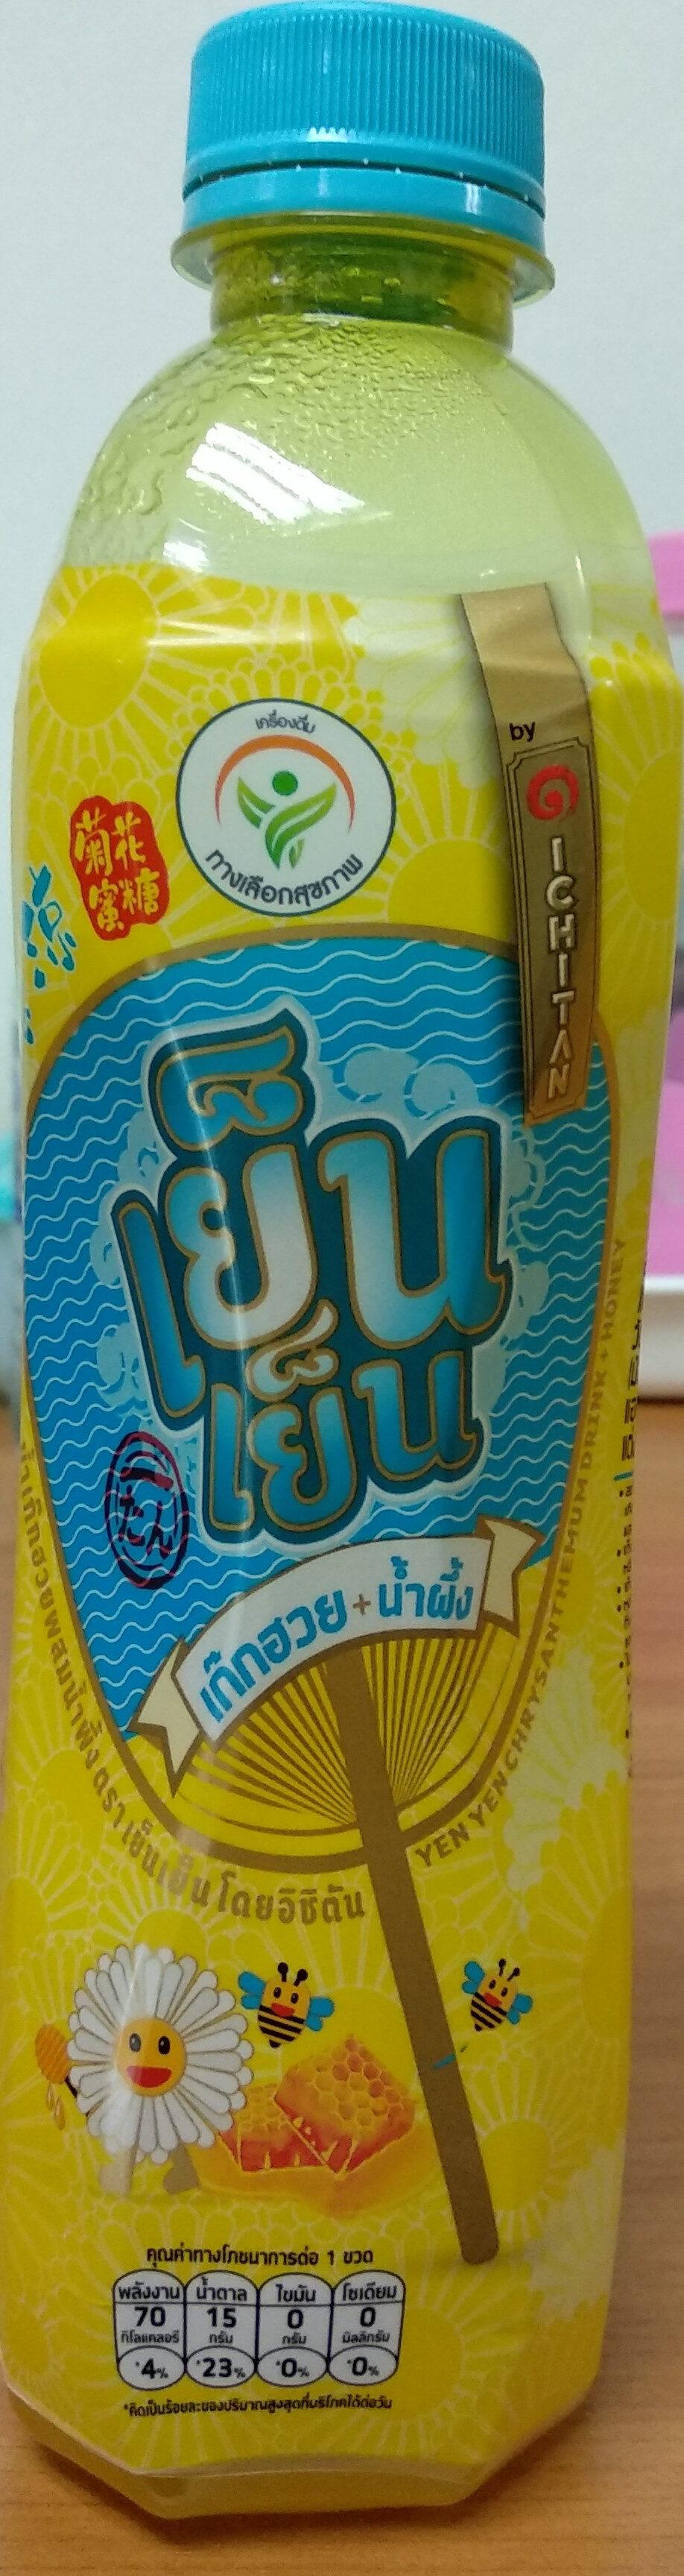 น้ำเก๊กฮวยผสมน้ำผึ้ง - Product - th